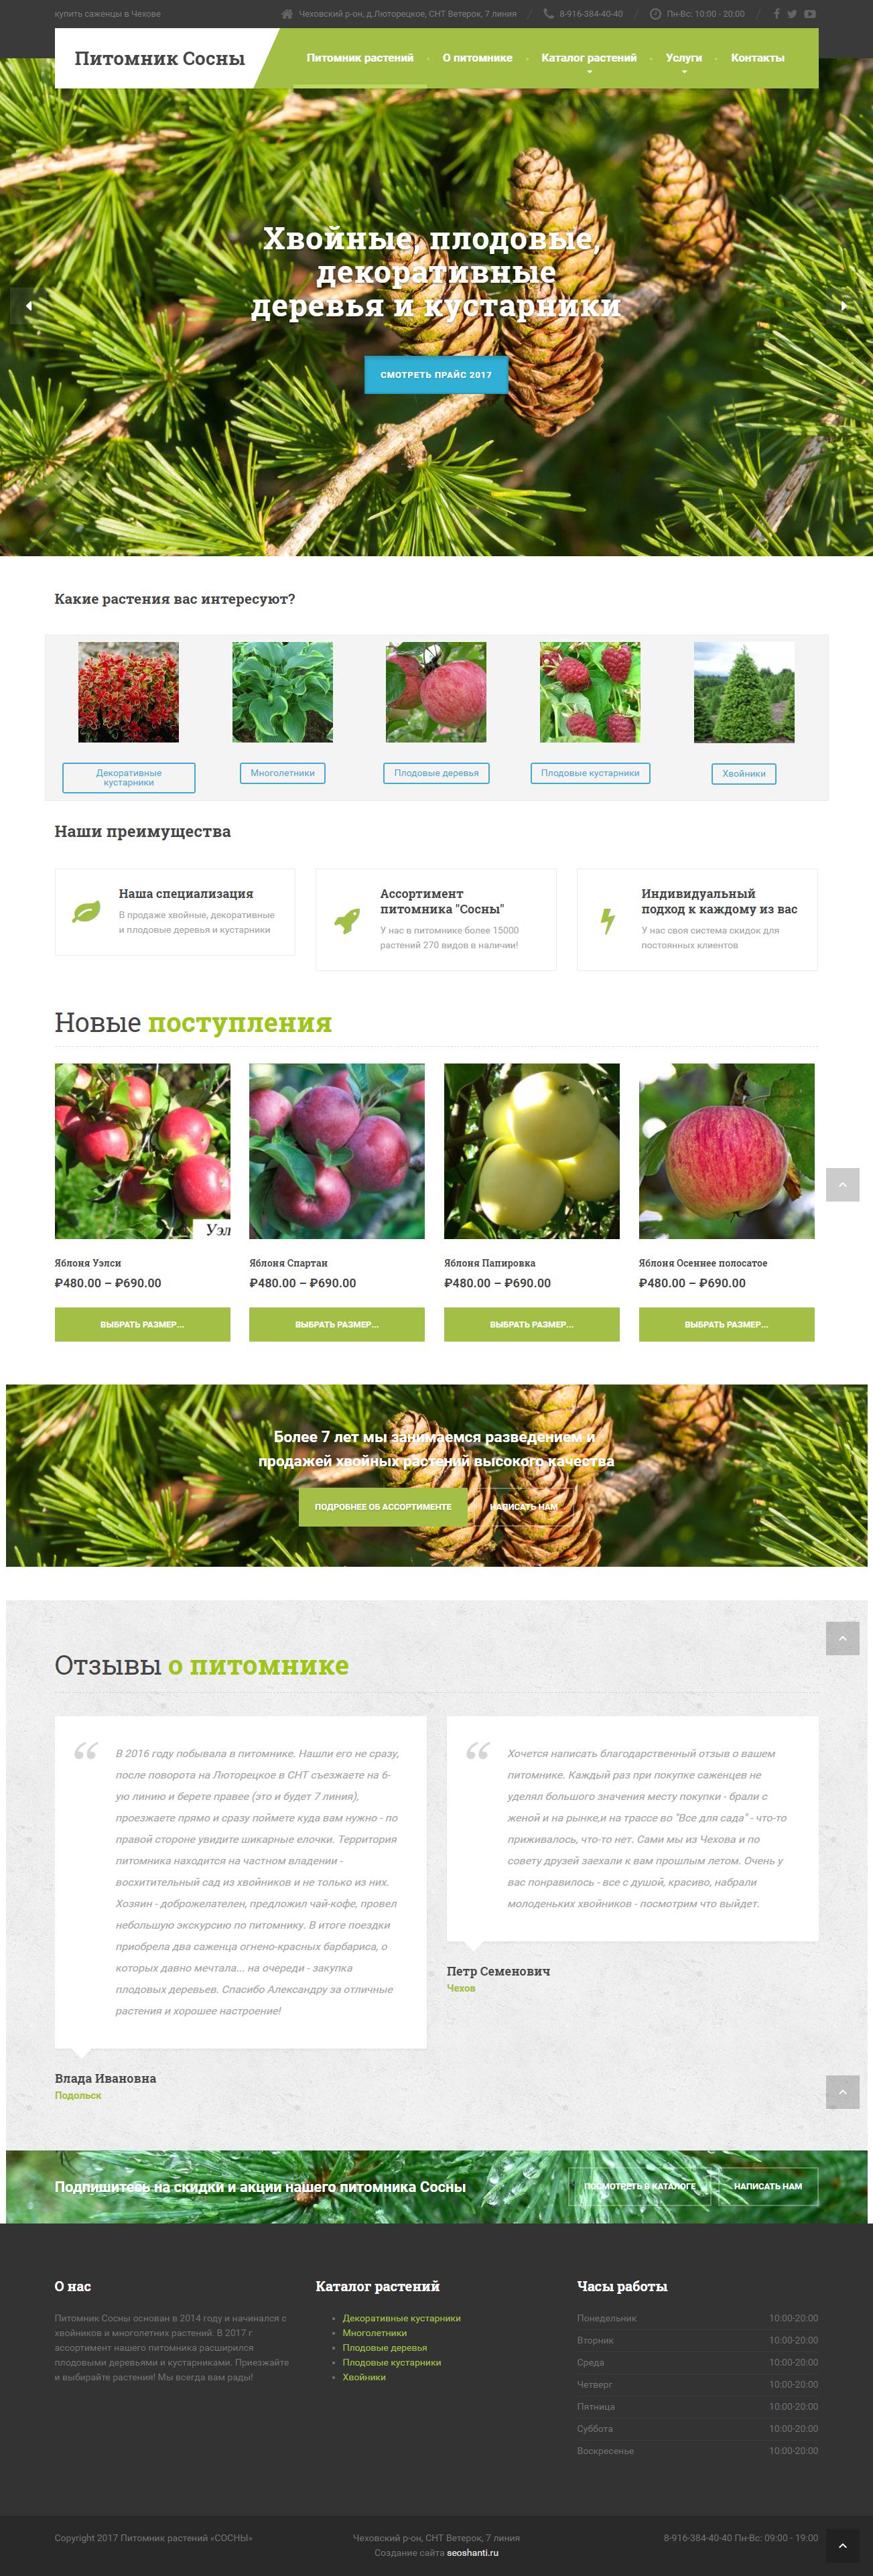 Создание сайта для питомника растений в Чехове